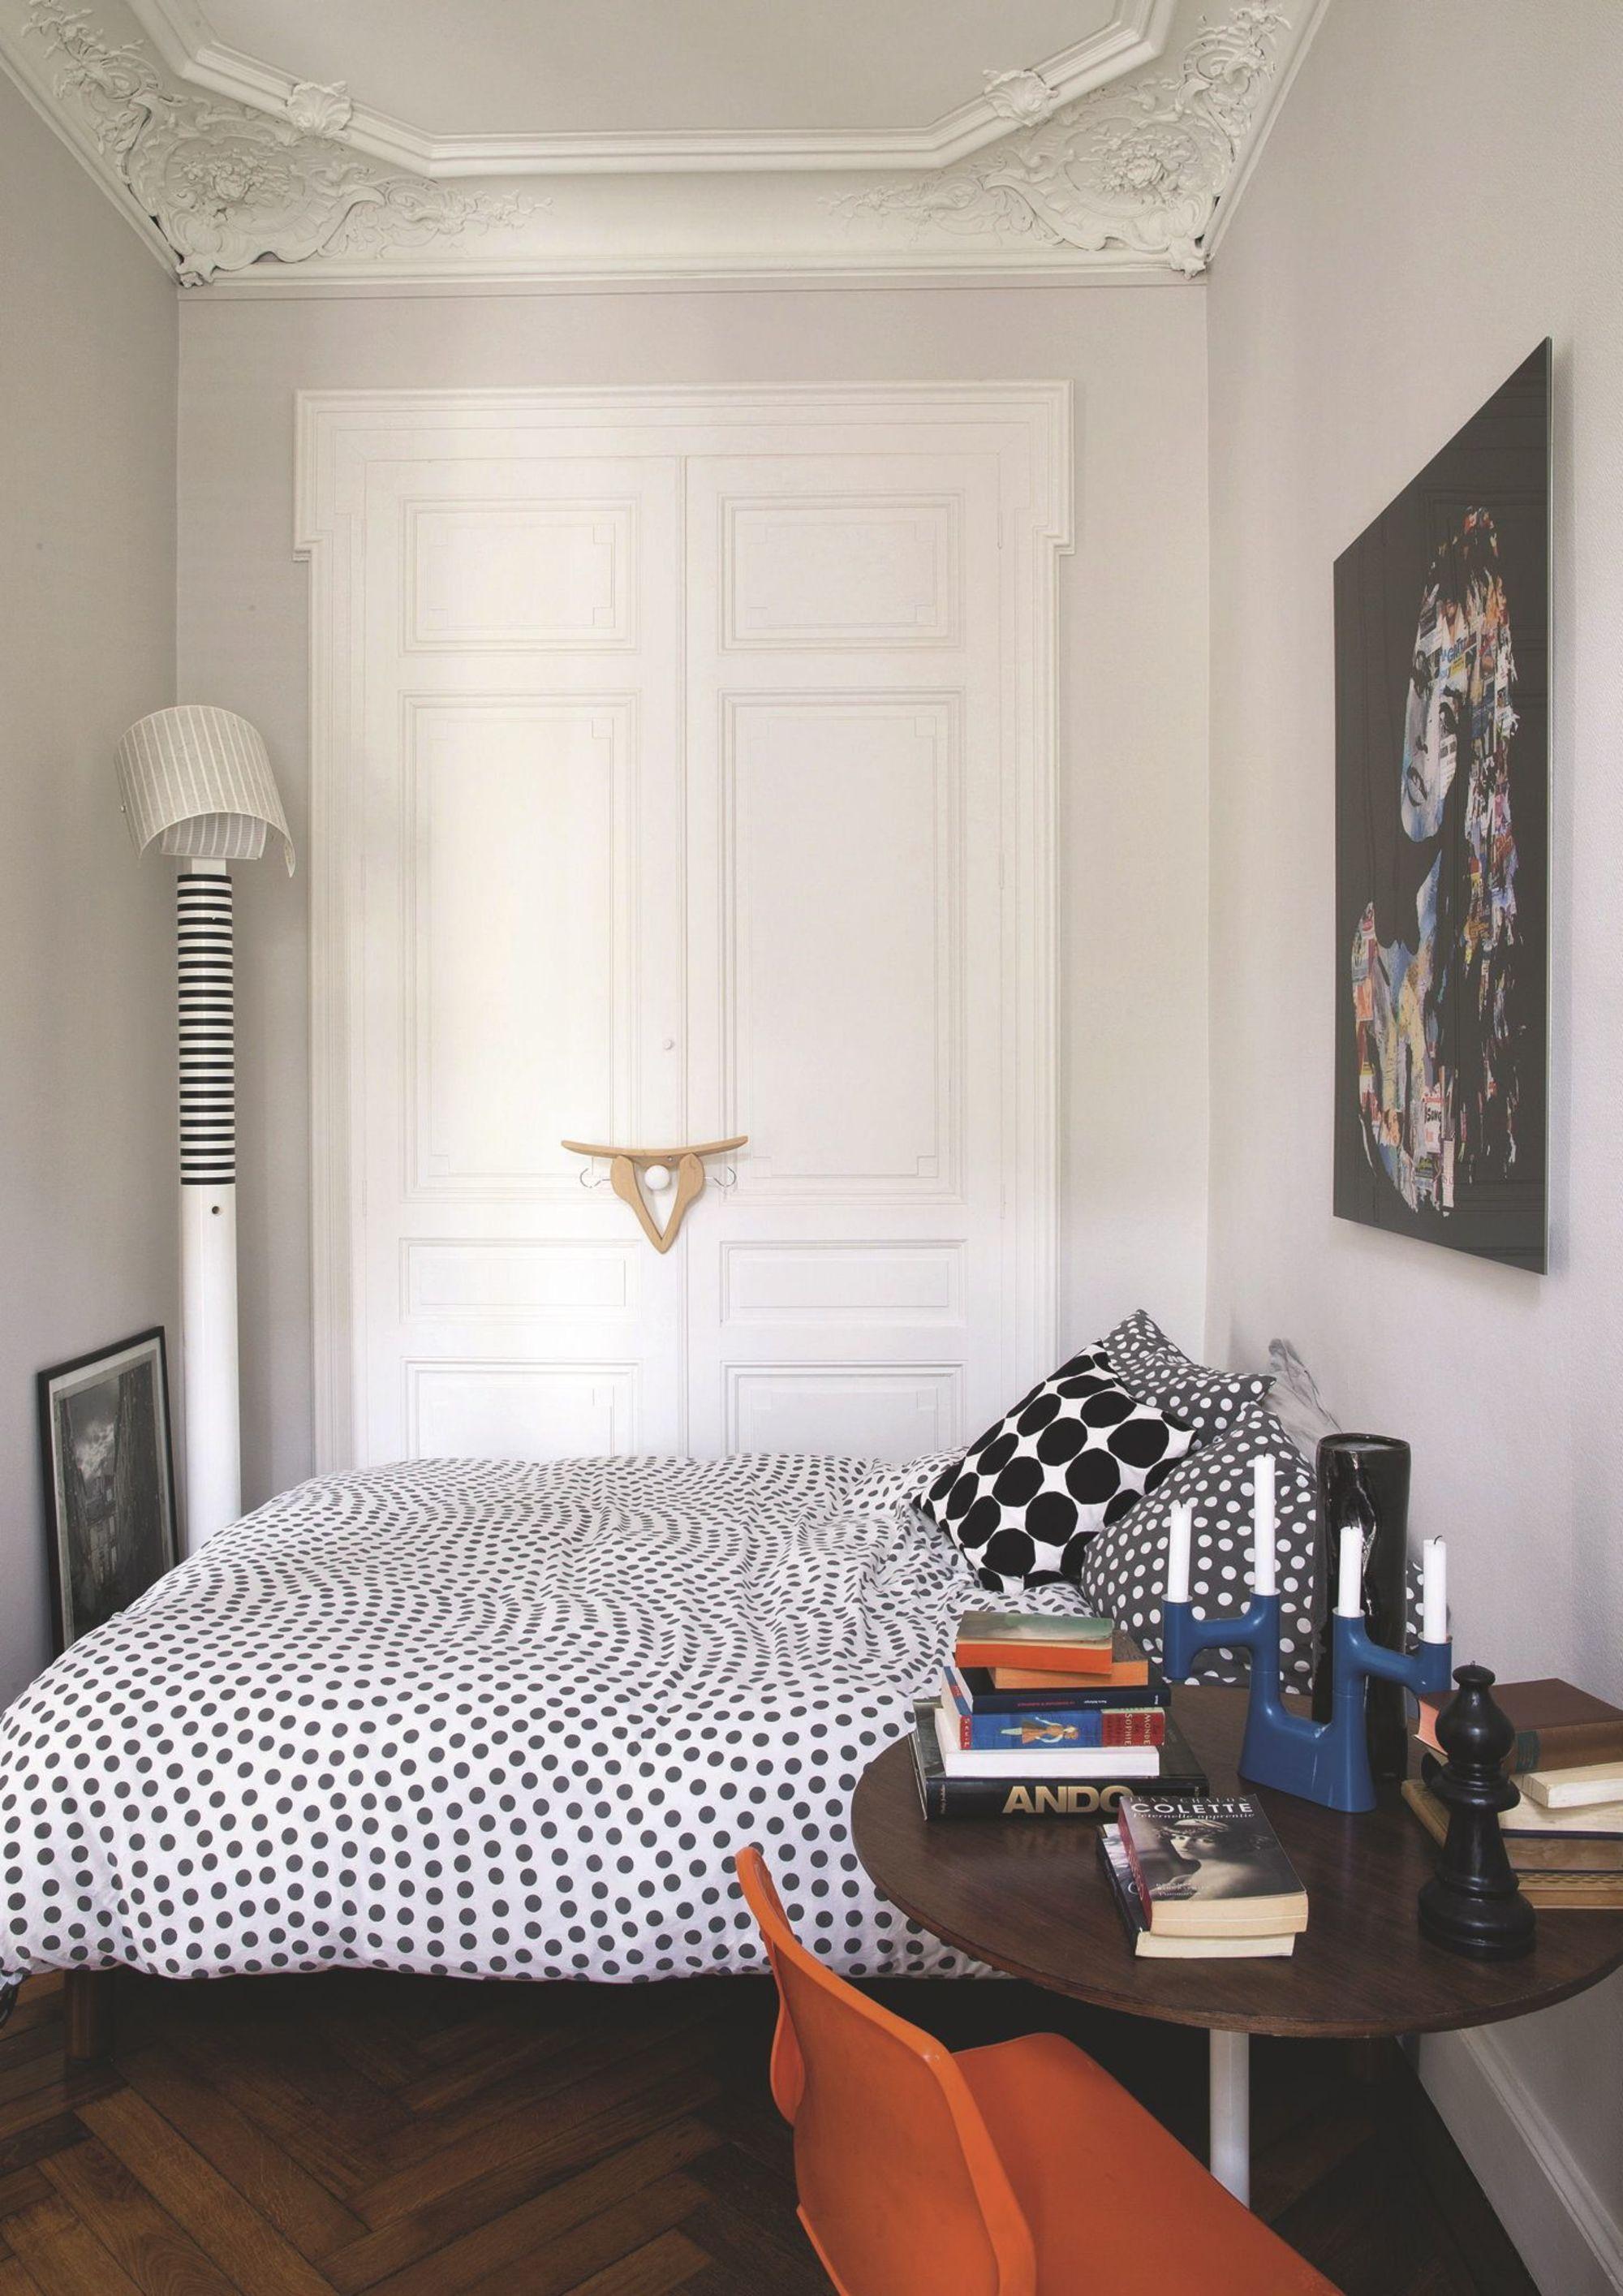 Appartement Bordeaux Meubles Design Et Pieces De Collection A Vendre Meuble Design Meuble Appartement Bordeaux